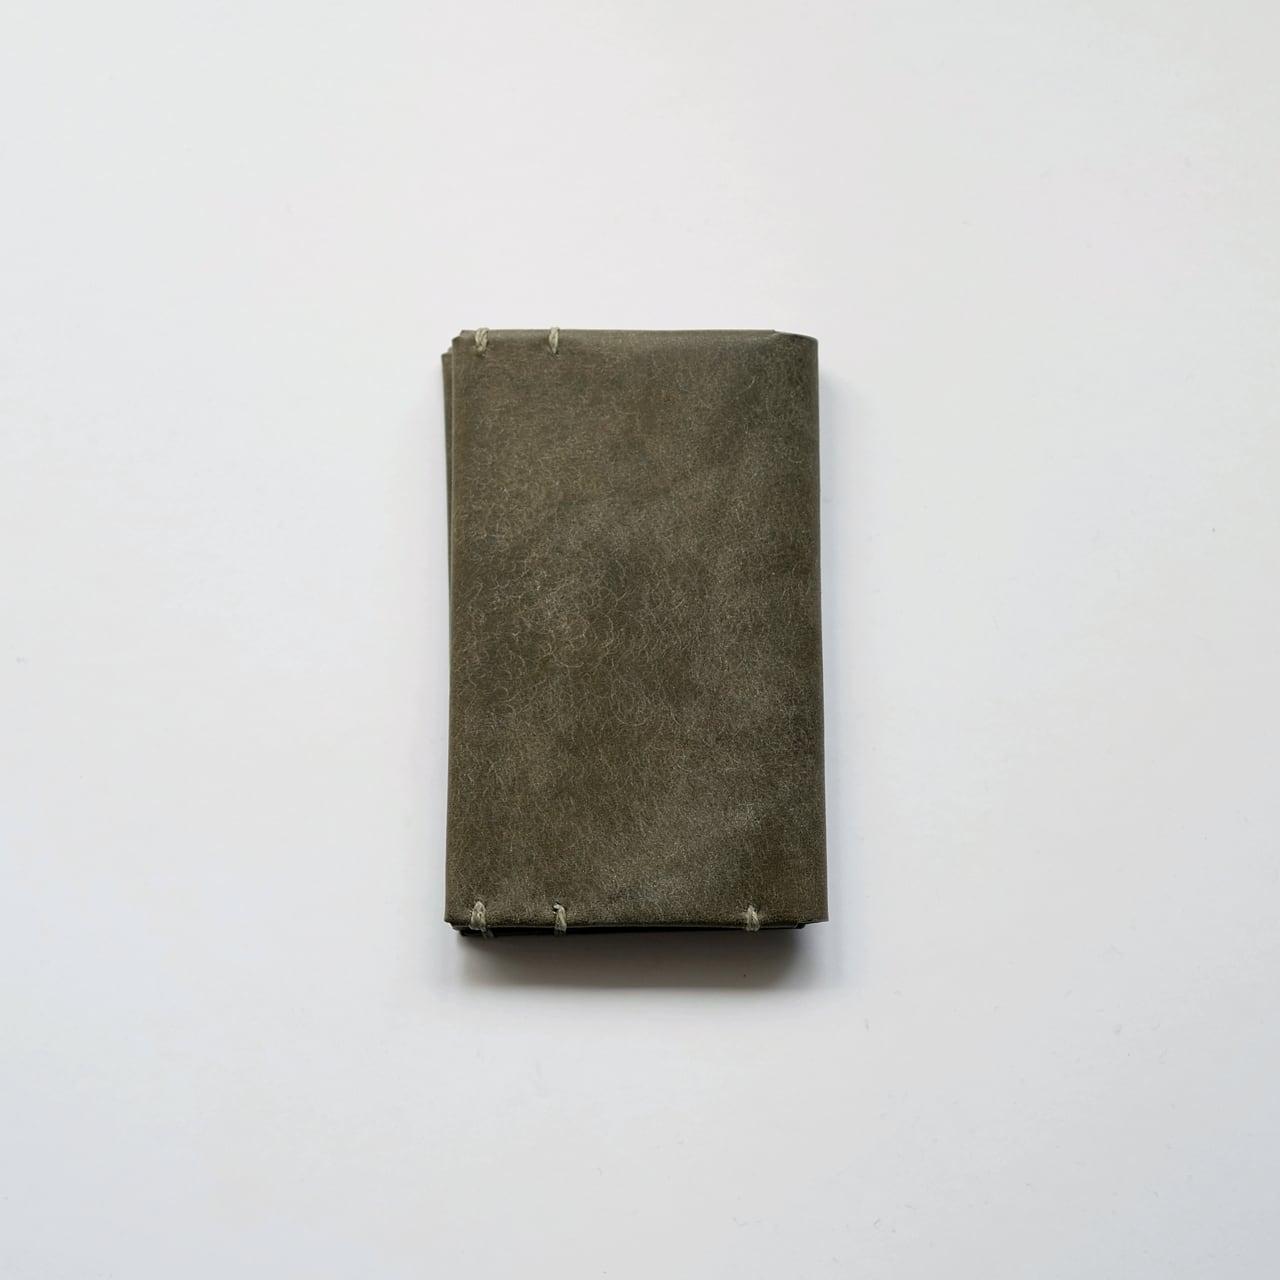 ori cardcase - gri - プエブロ